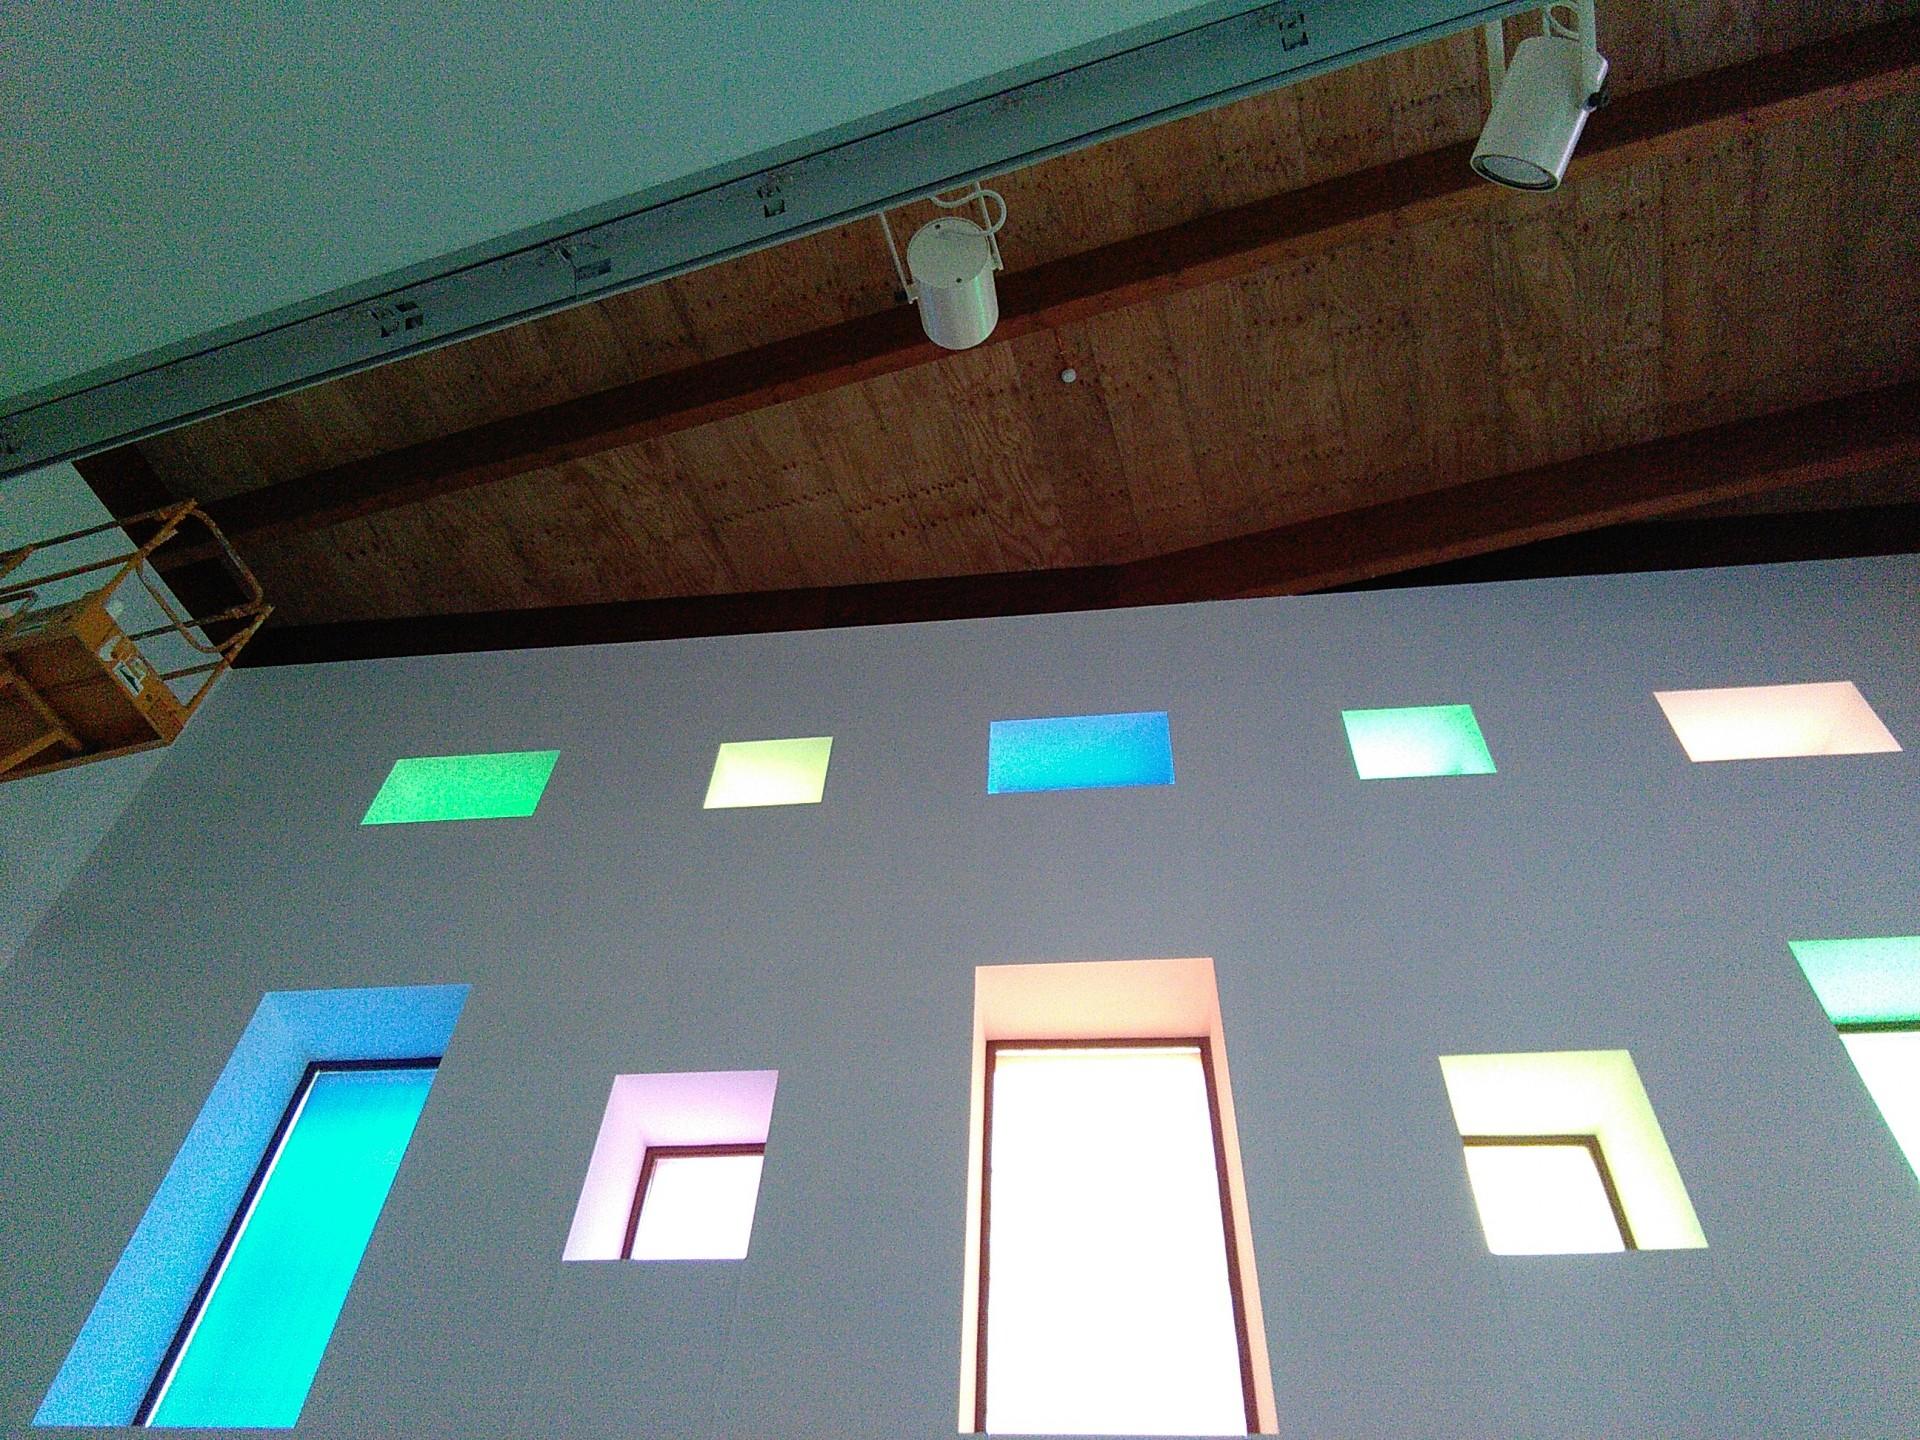 vinilo_impreso_viniloimpreso_navarra_rotulacion_ventanas_vinilotraslucido_colores